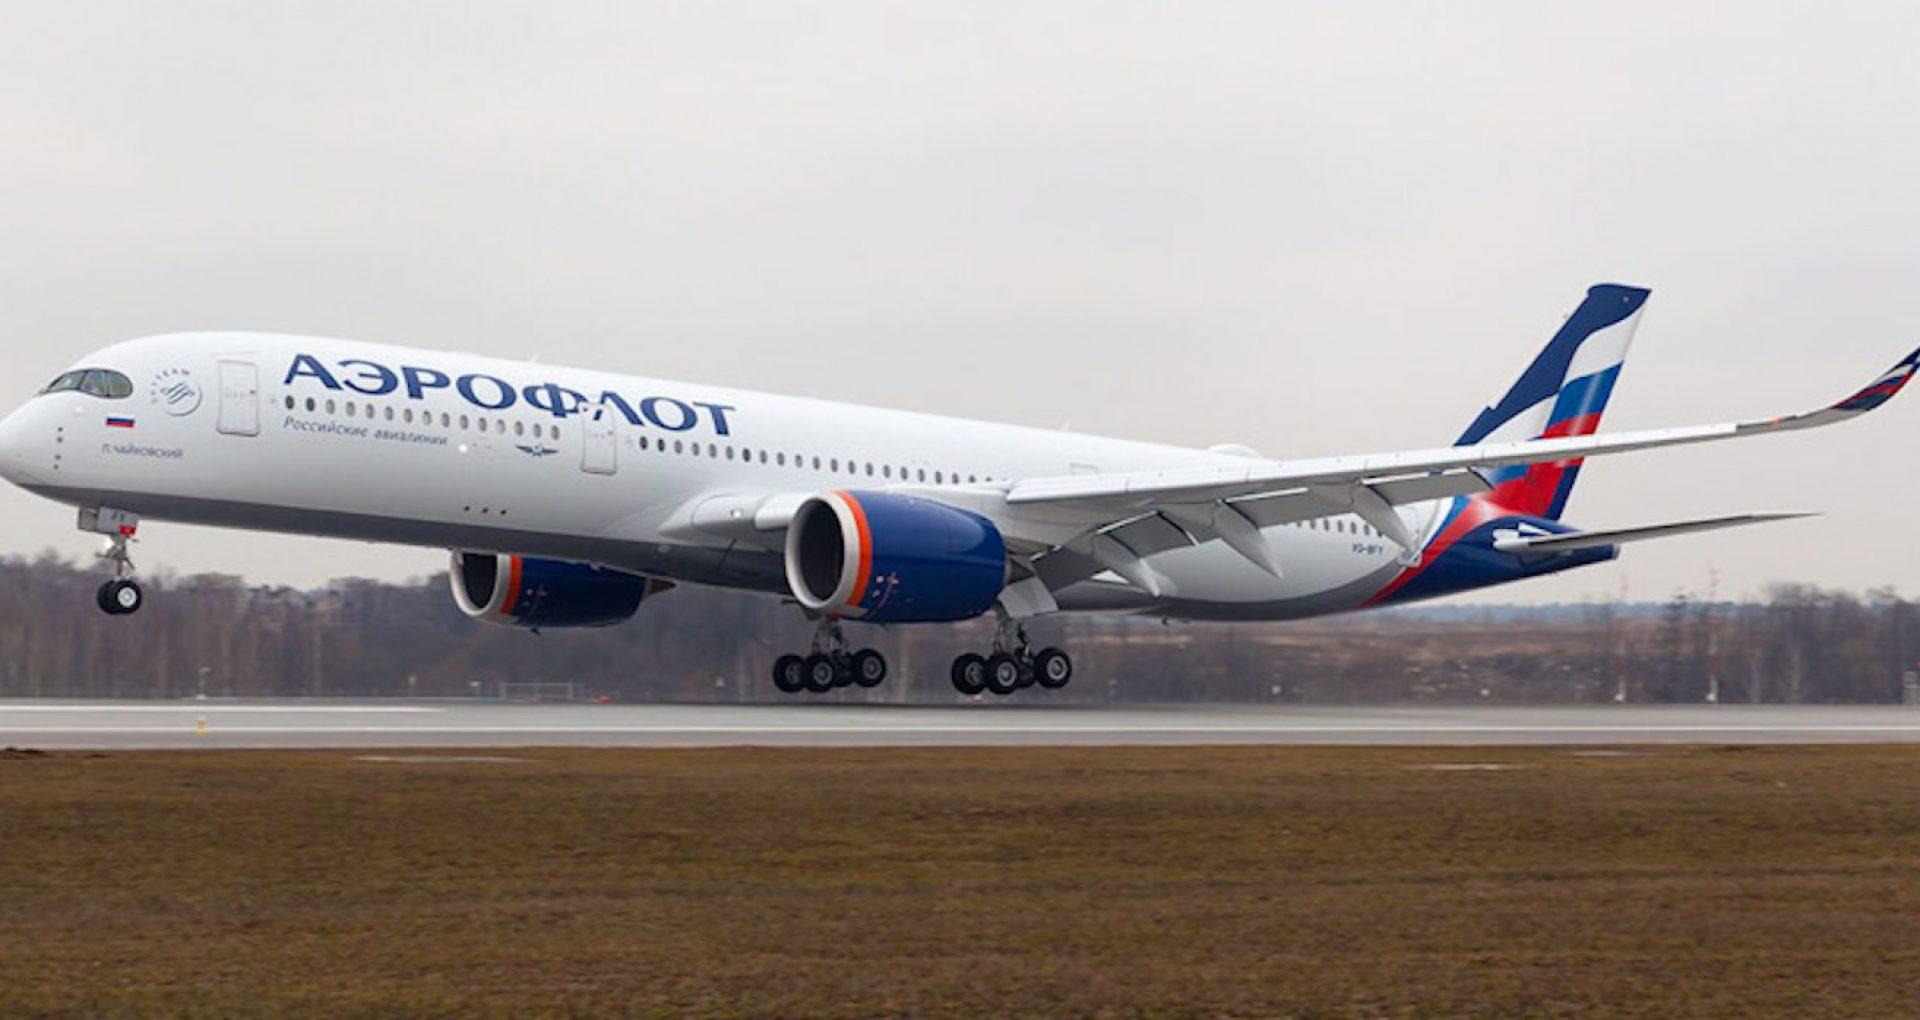 """Cetățean moldovean, blocat de trei zile în aeroportul din Barcelona: """"Stau ca în închisoare. Greșeala este din partea Aeroflot"""""""